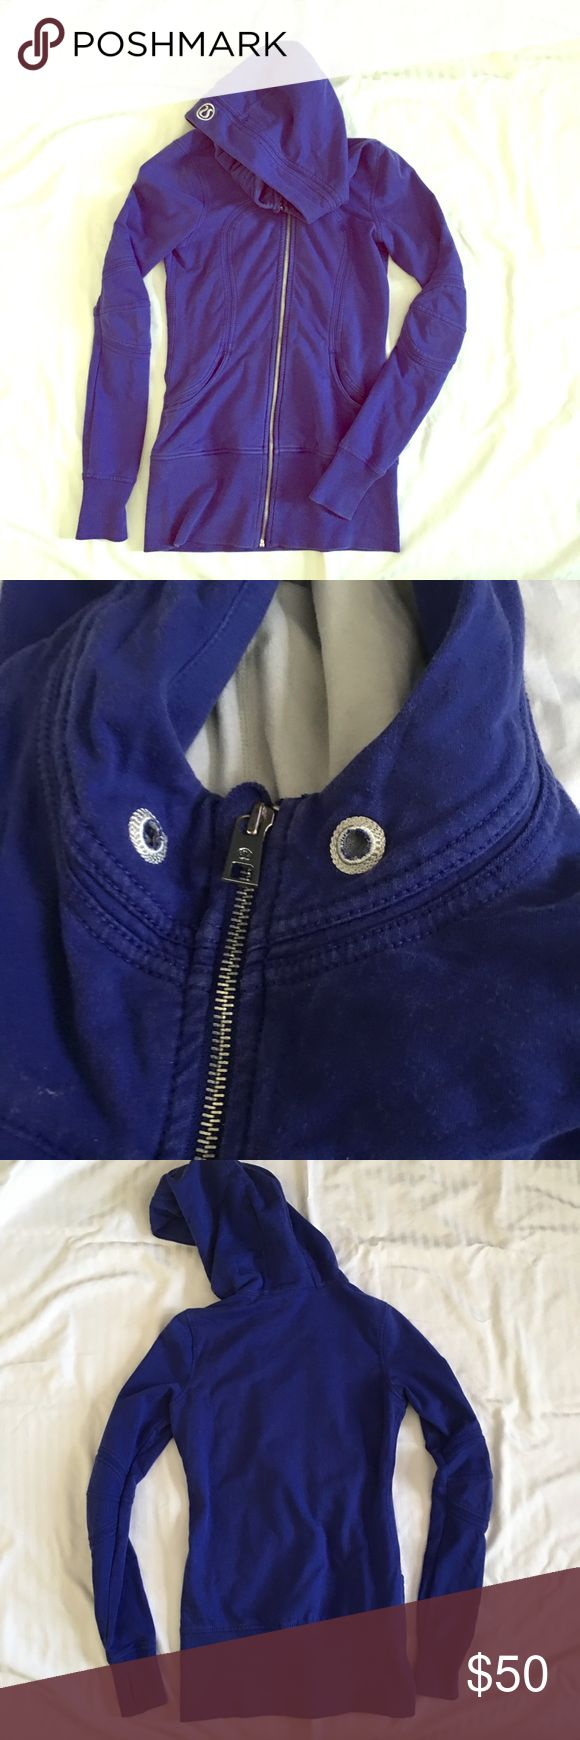 Lululemon hoodie Blue lululemon hoodie longer body and waistband covers hips. Missing the pull tie for hoodie lululemon athletica Tops Sweatshirts & Hoodies